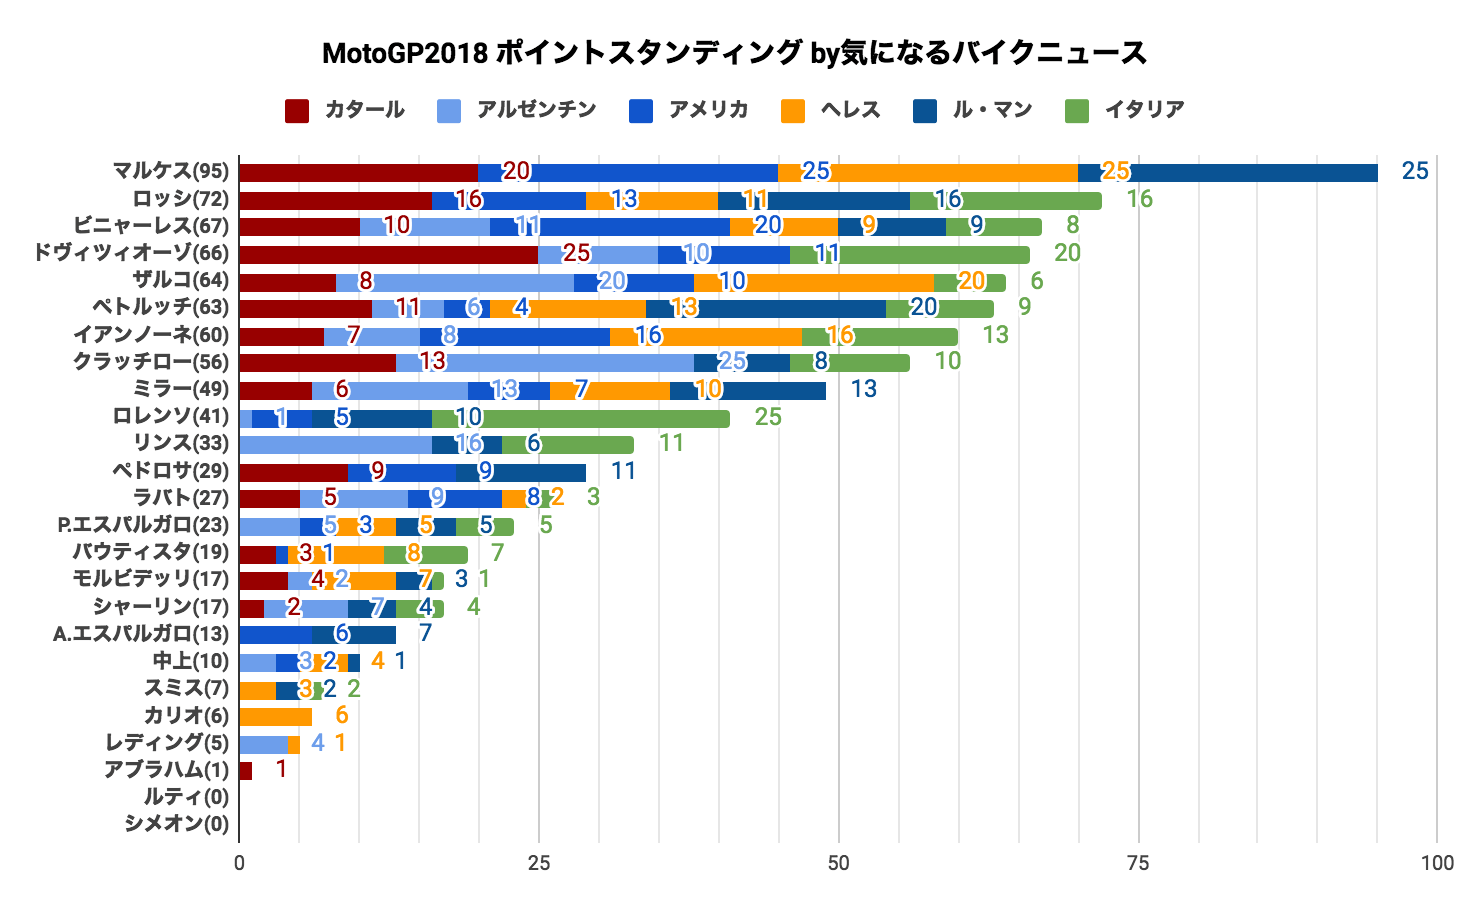 ★MotoGP2018 ポイントスタンディング(2018/06/3時点)